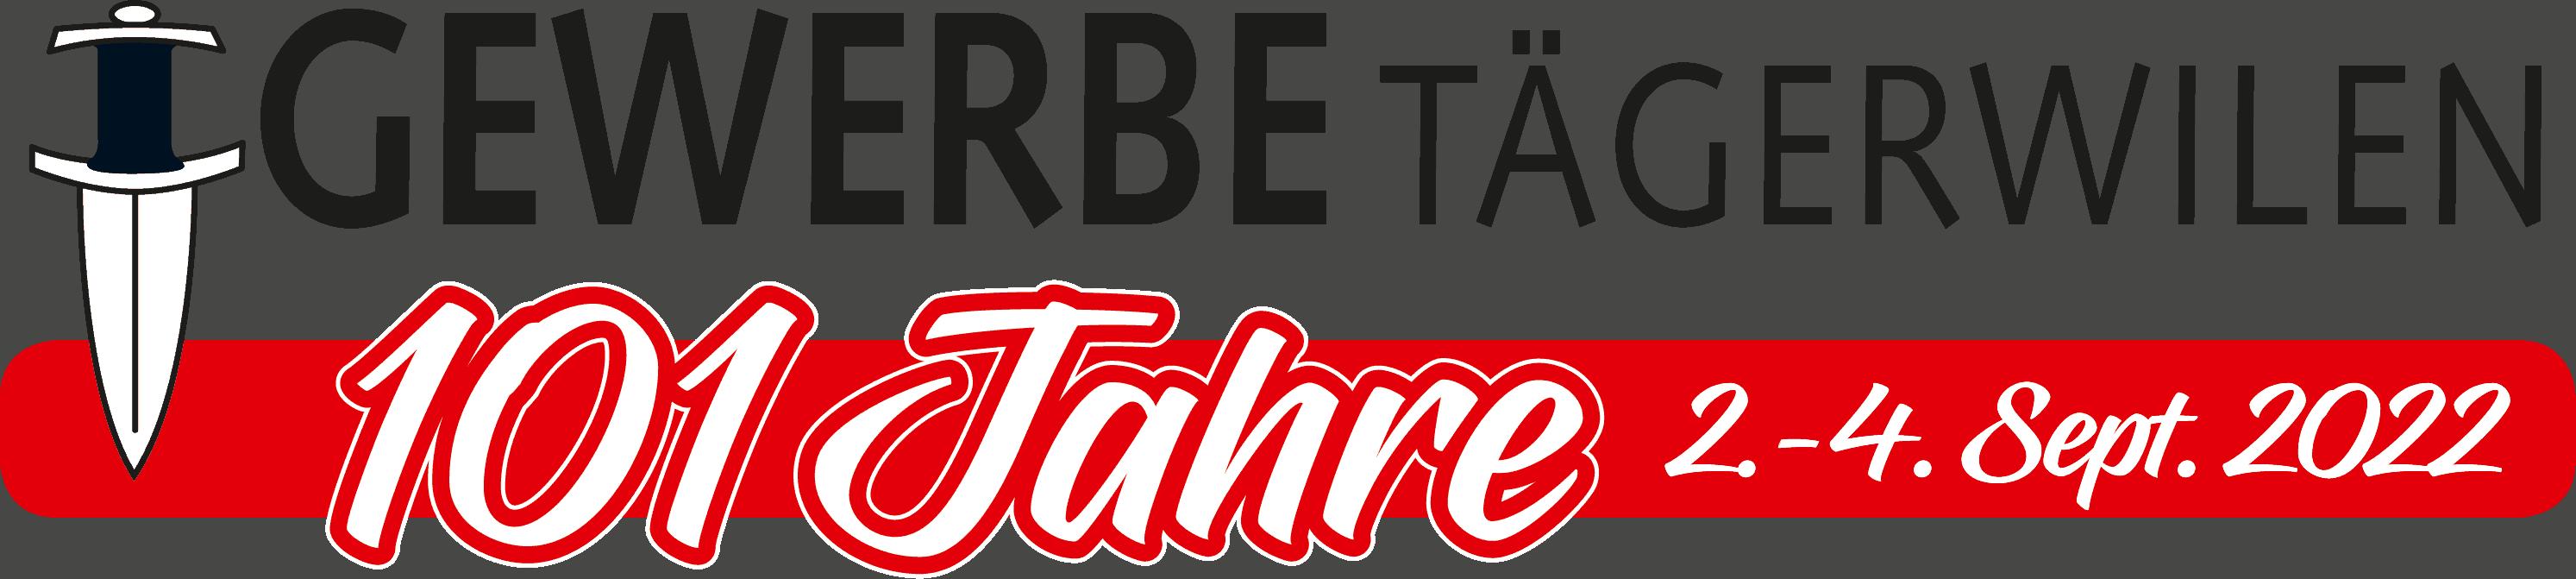 Logo Gewerbeverein 101 Jahre_2.-4.9.2022